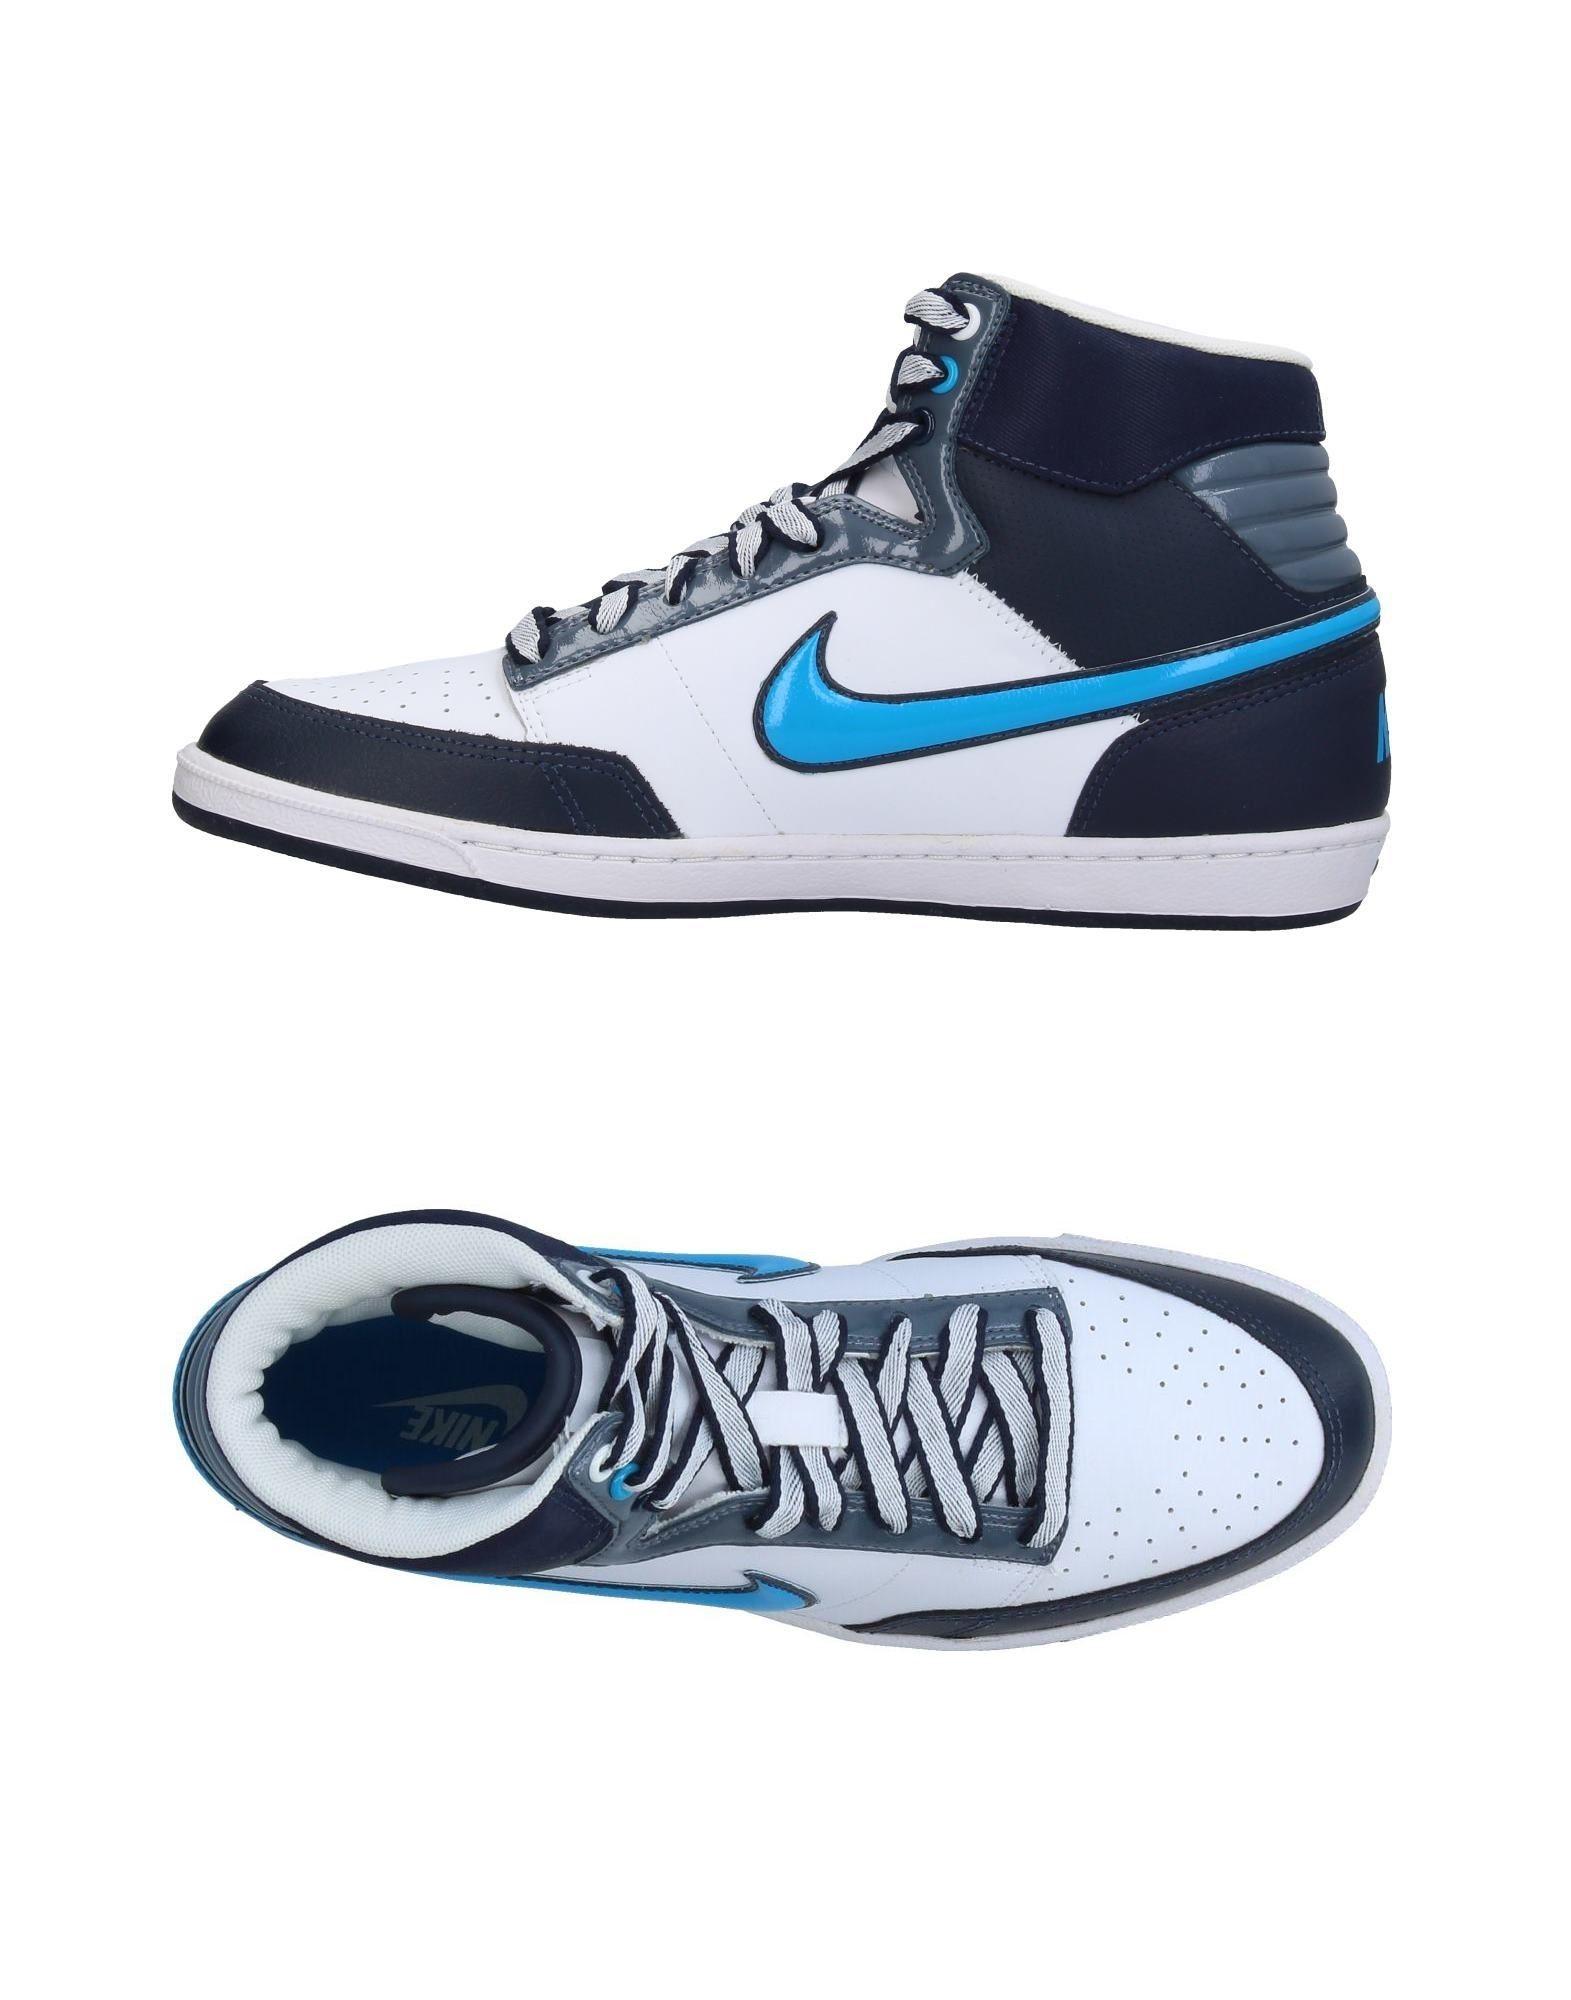 Sneakers Nike Donna - 11364458VV Scarpe economiche e buone